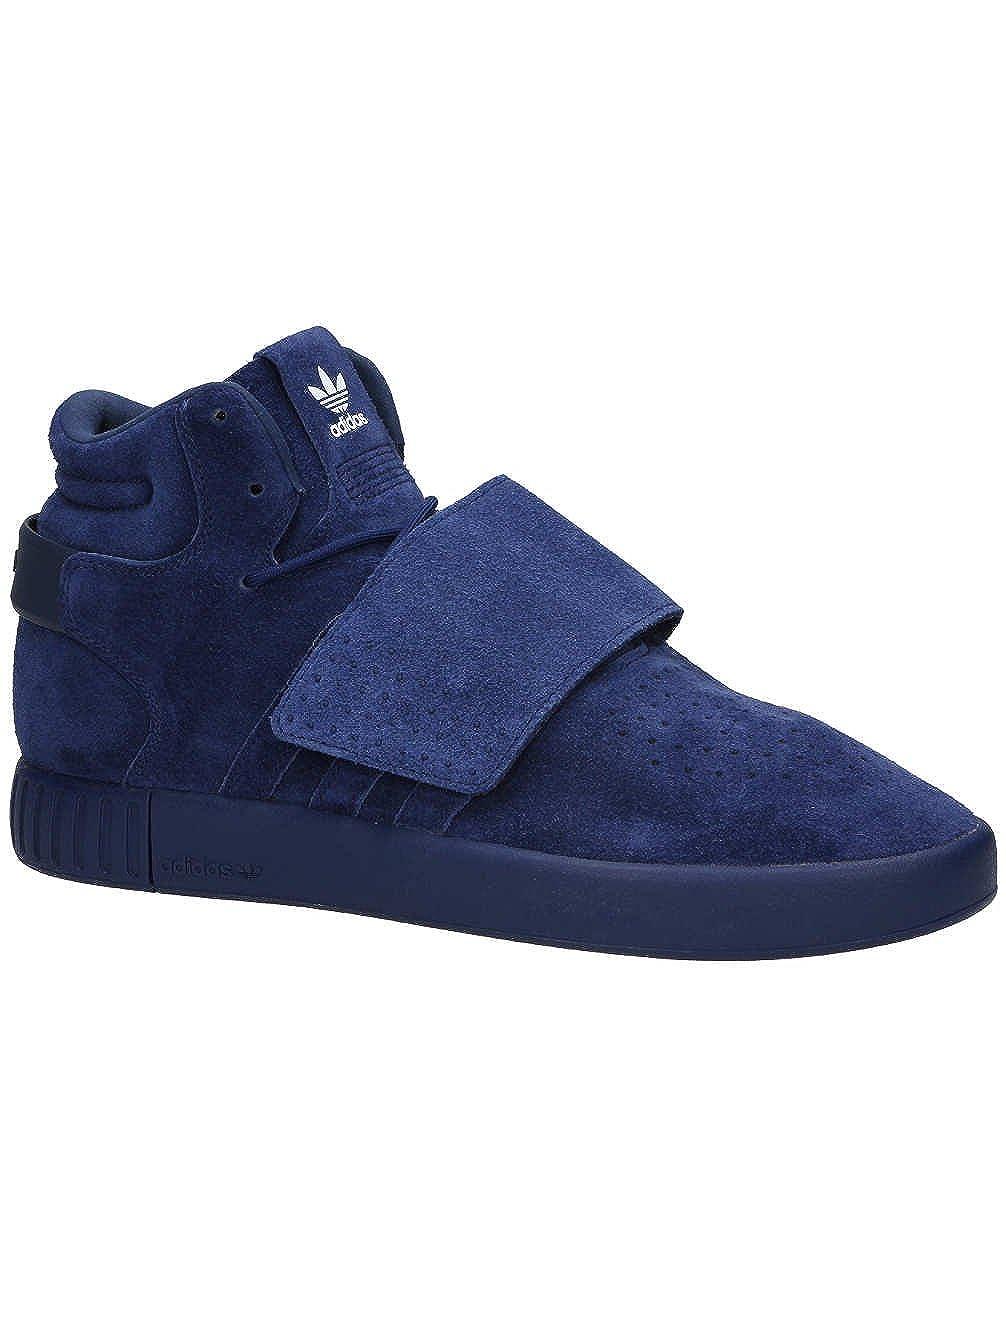 Dark bleu Dark bleu Ftwr adidas Originals Tubular Invader Strap BB5036 bleu paniers chaussures chaussures Pour des hommes